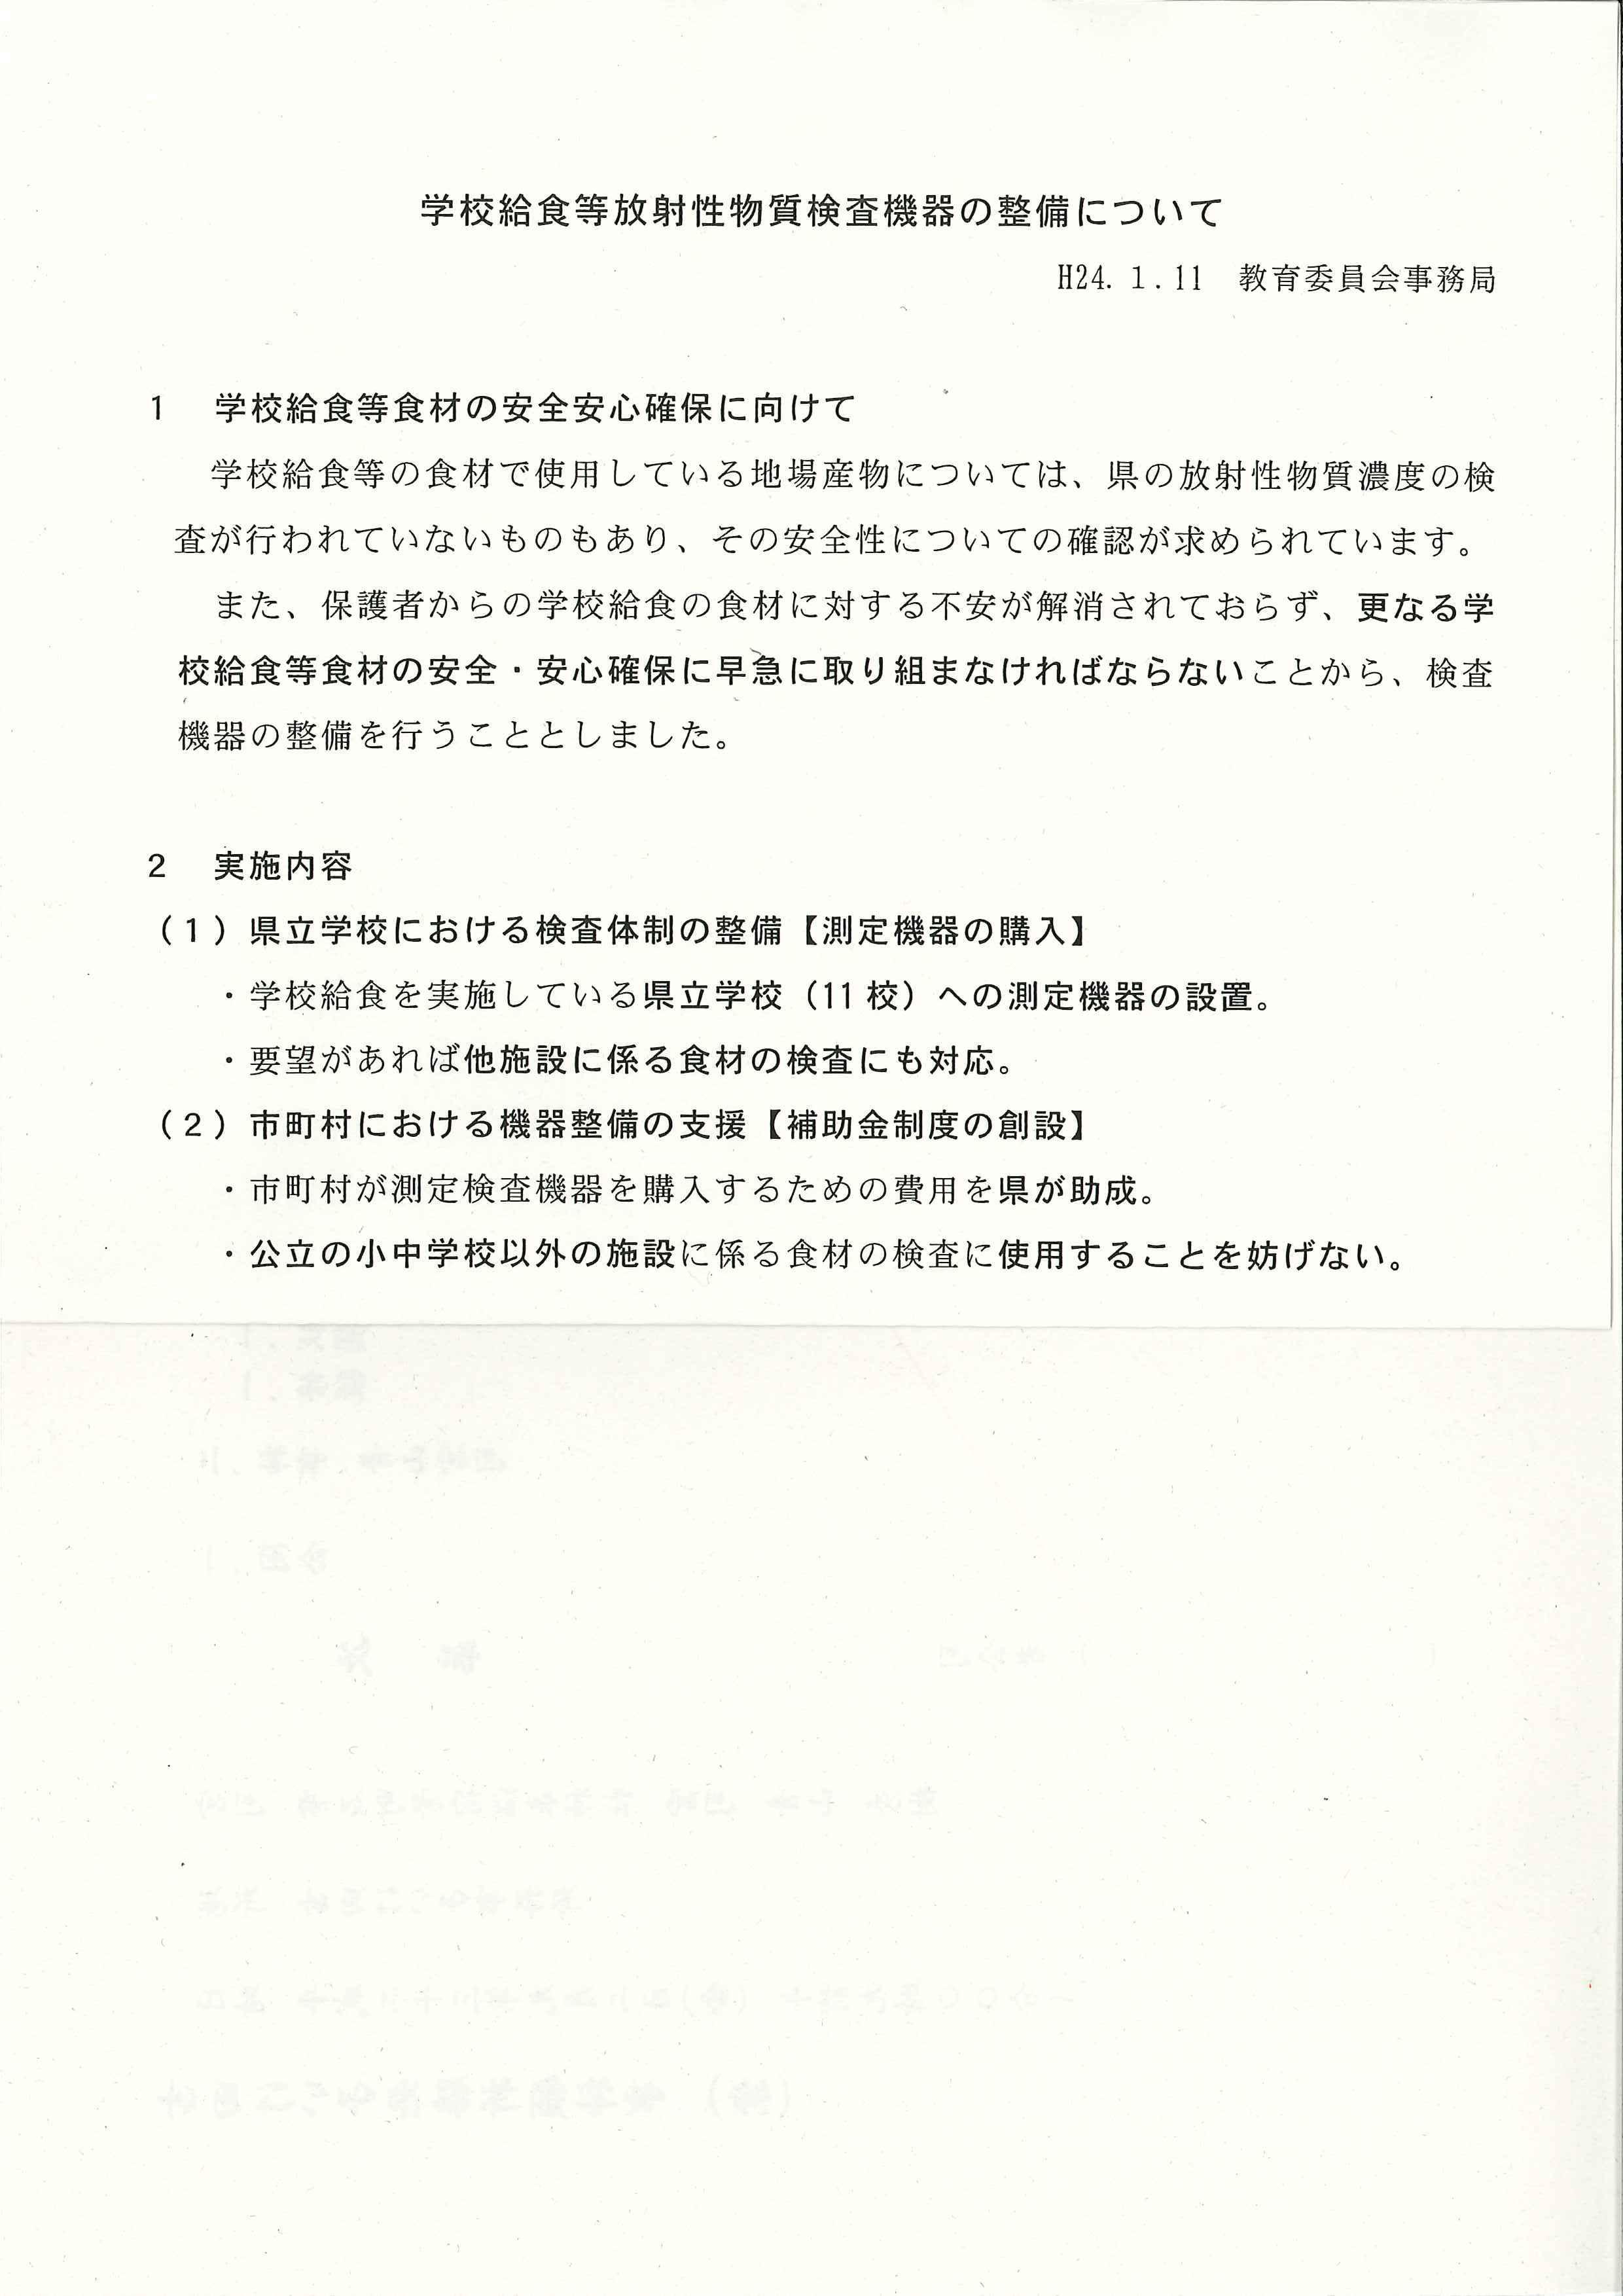 学校給食等放射性物質検査機器の整備について(1月11日付け県教委報告)_b0199244_2252467.jpg